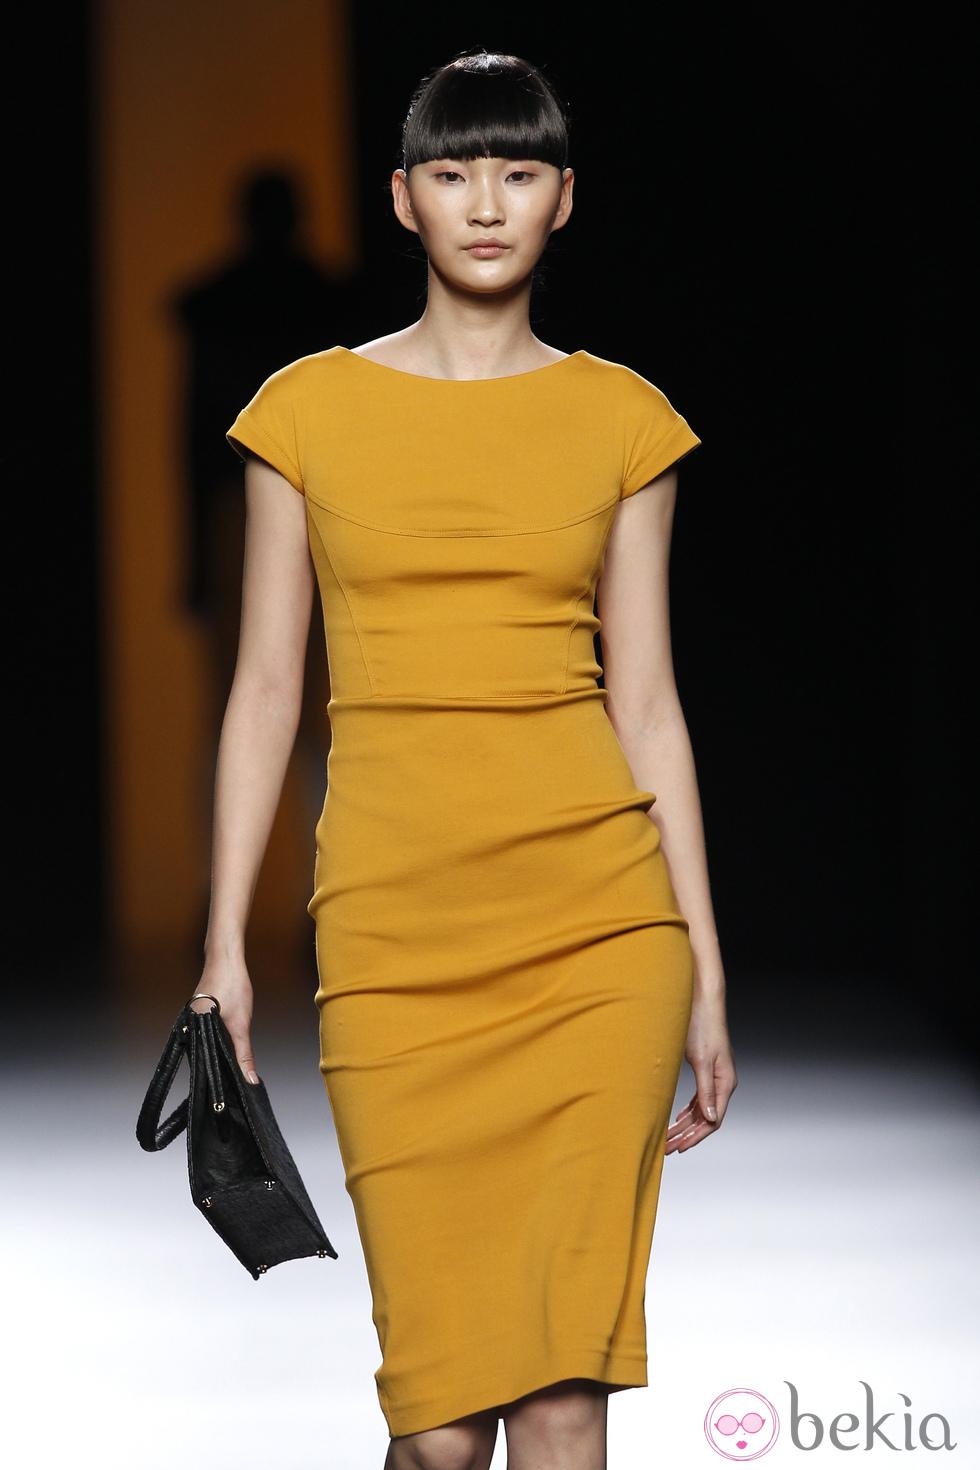 9eaf22c9645b4 Consultorio moda Enero 2014 - Blog María León Style